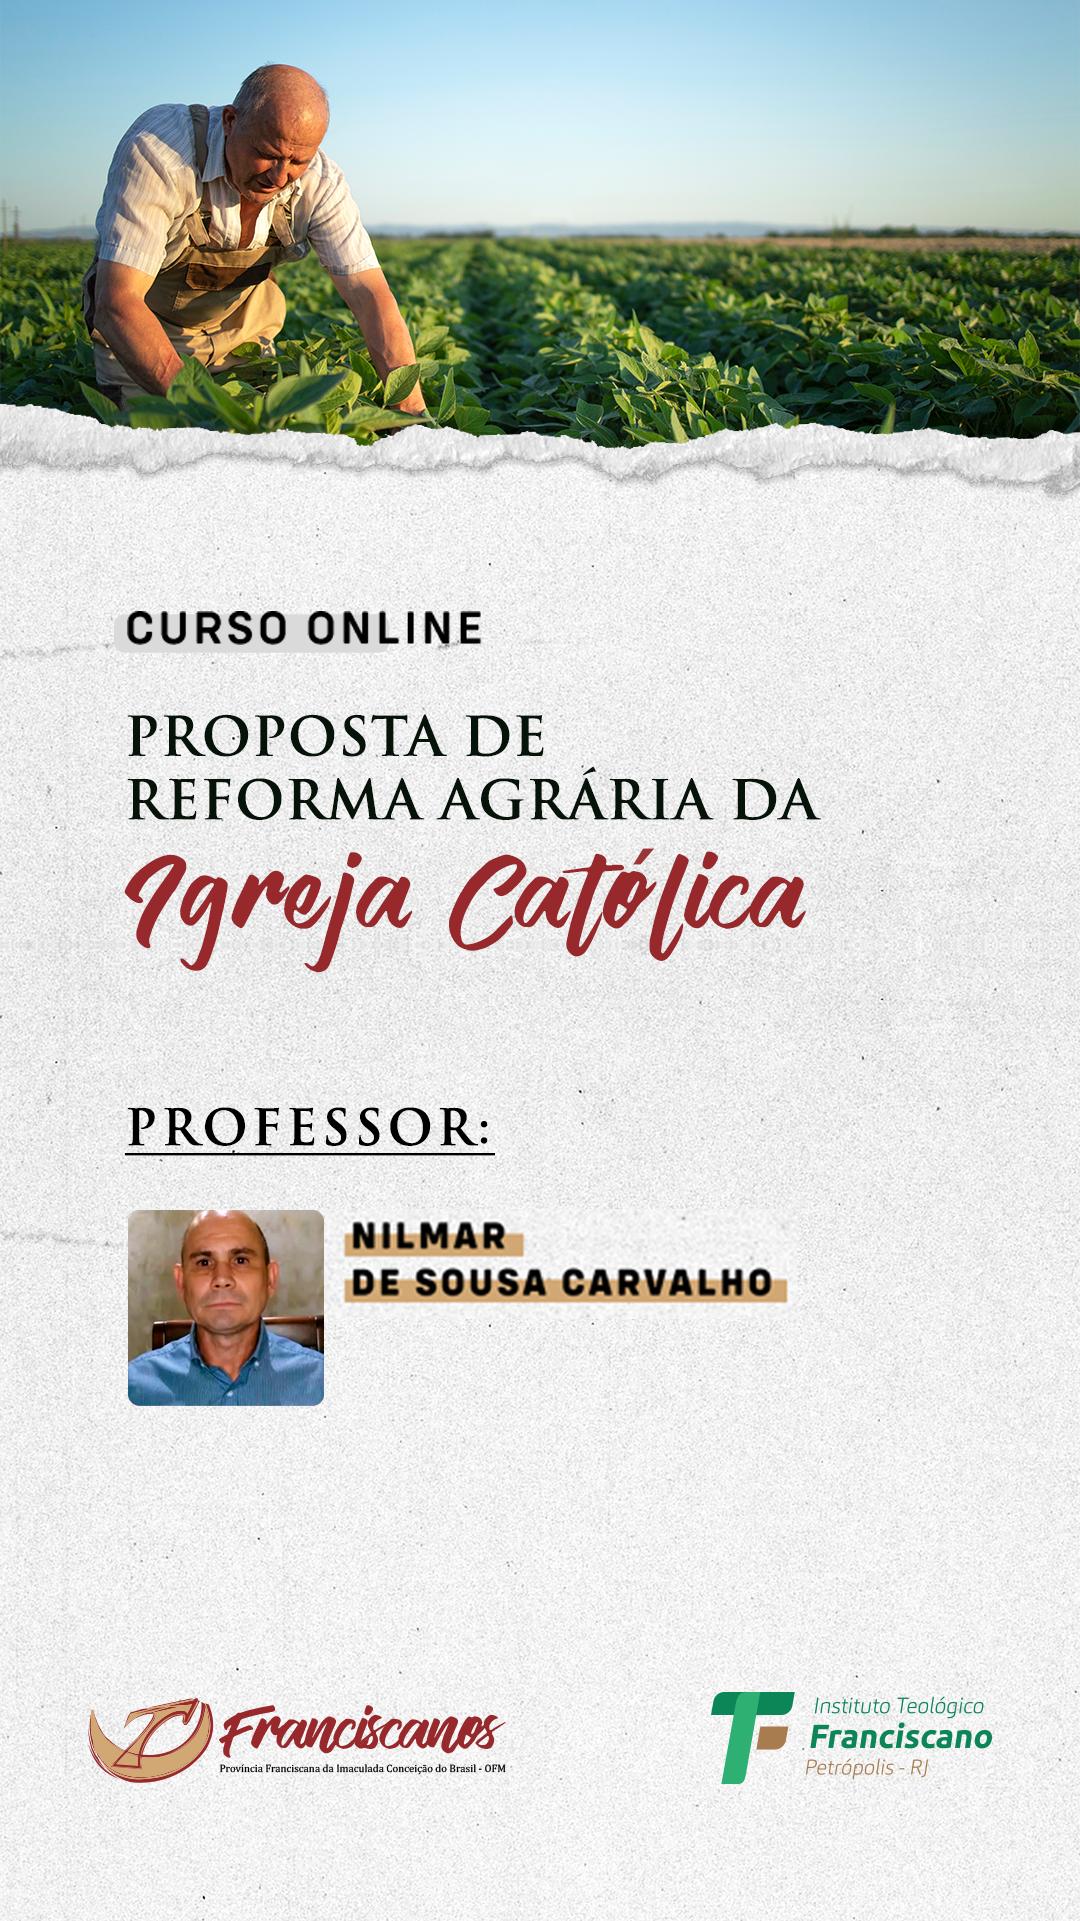 Proposta de reforma agrária da Igreja Católica